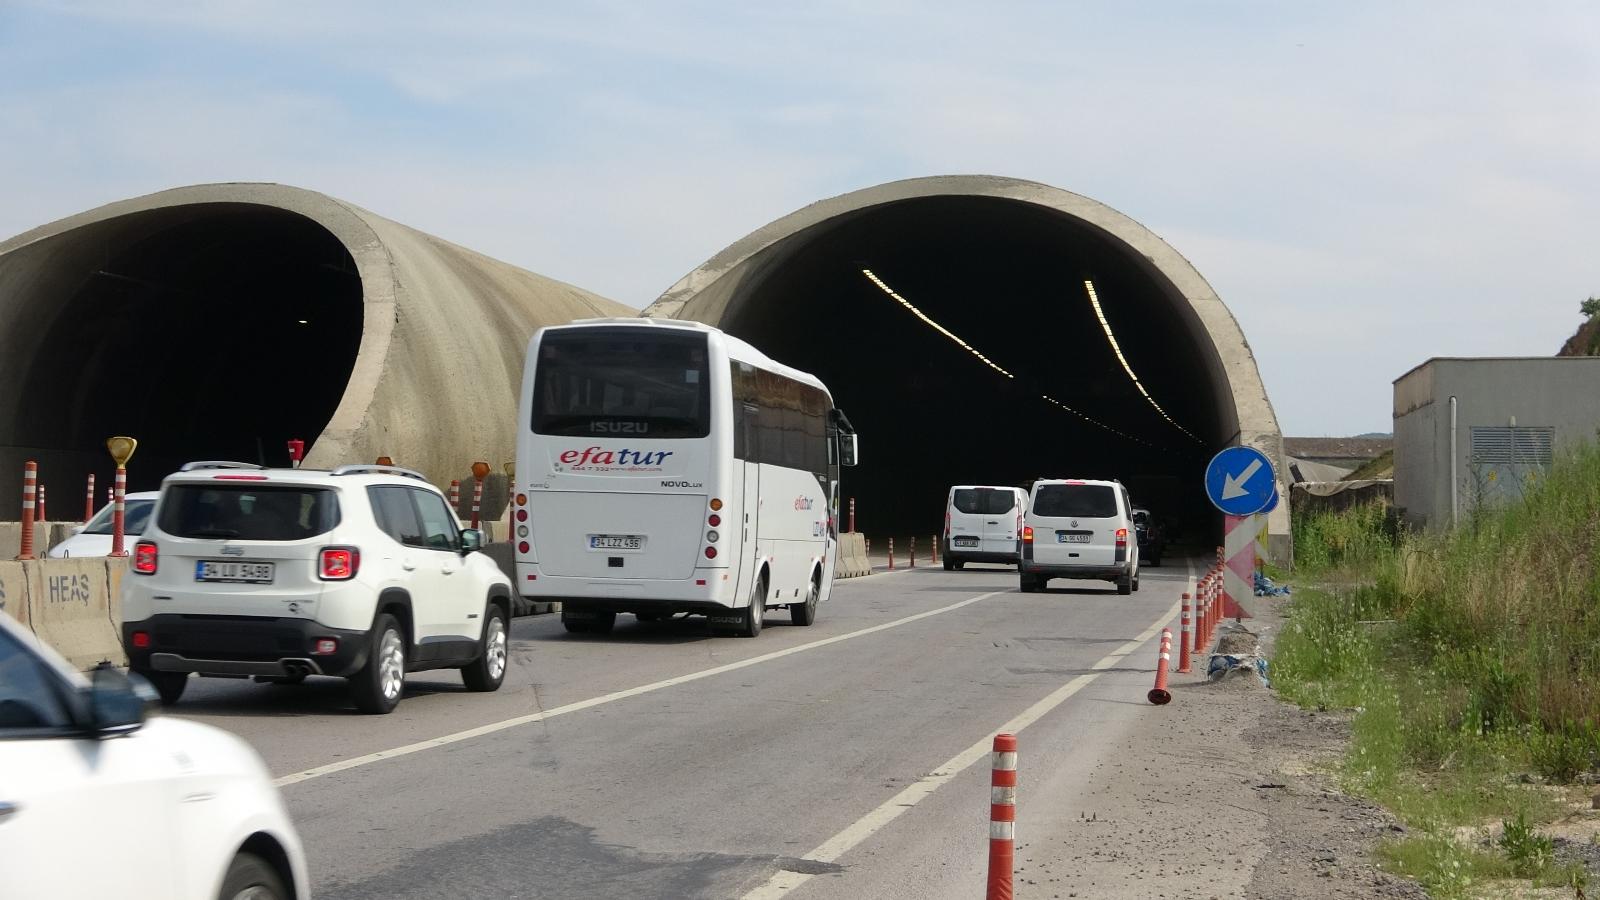 """İstanbul Sabiha Gökçen Havalimanı'ndaki """"Dağsız Tünel"""" Olay Olmuştu, Son Hali Görüntülendi"""